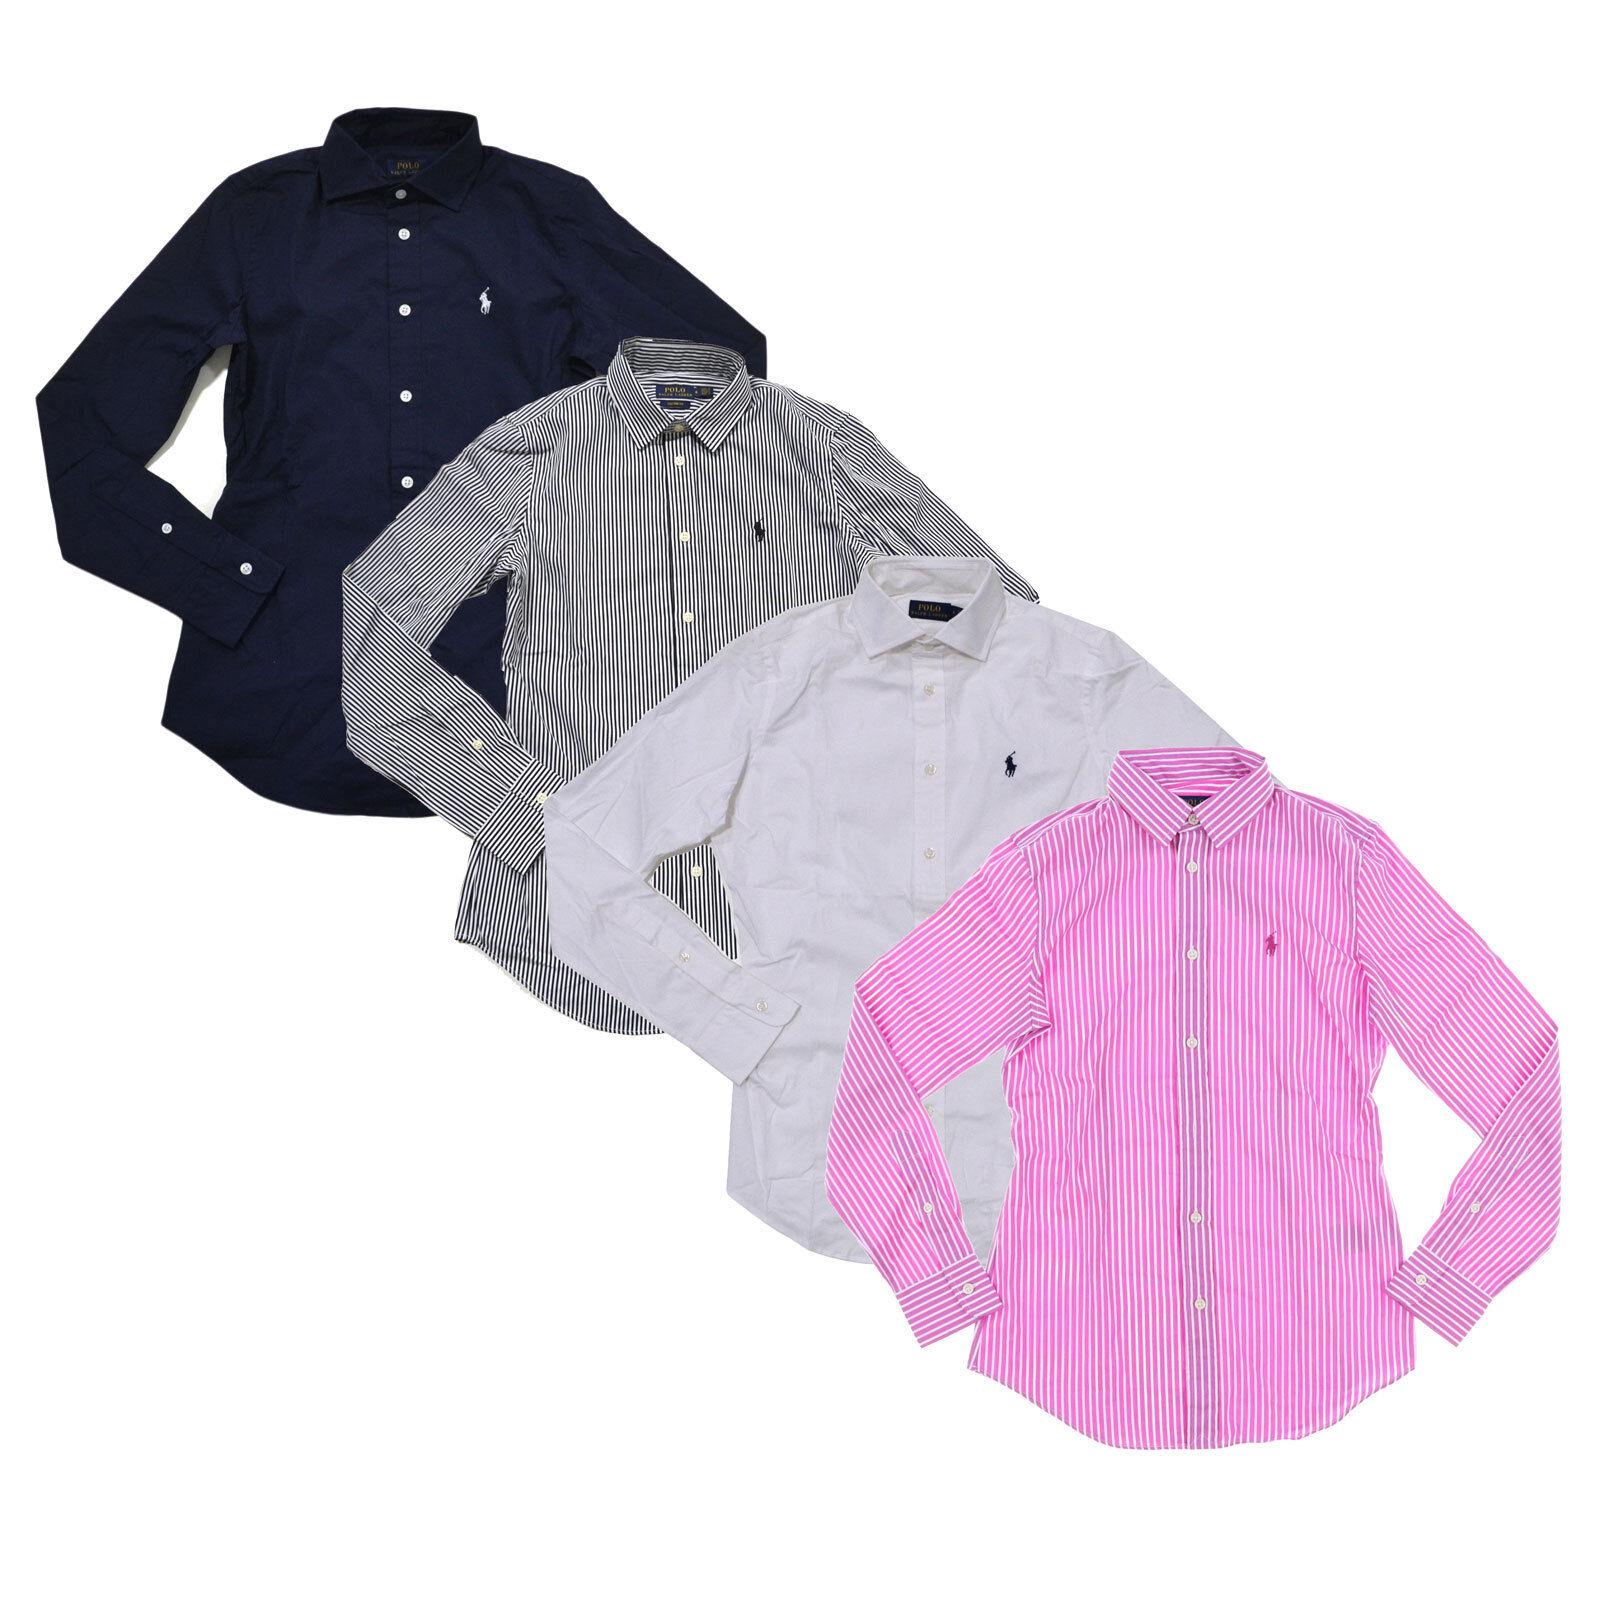 Polo Ralph Lauren damen Long Sleeve Buttondown Shirt Woven Button Up Top New